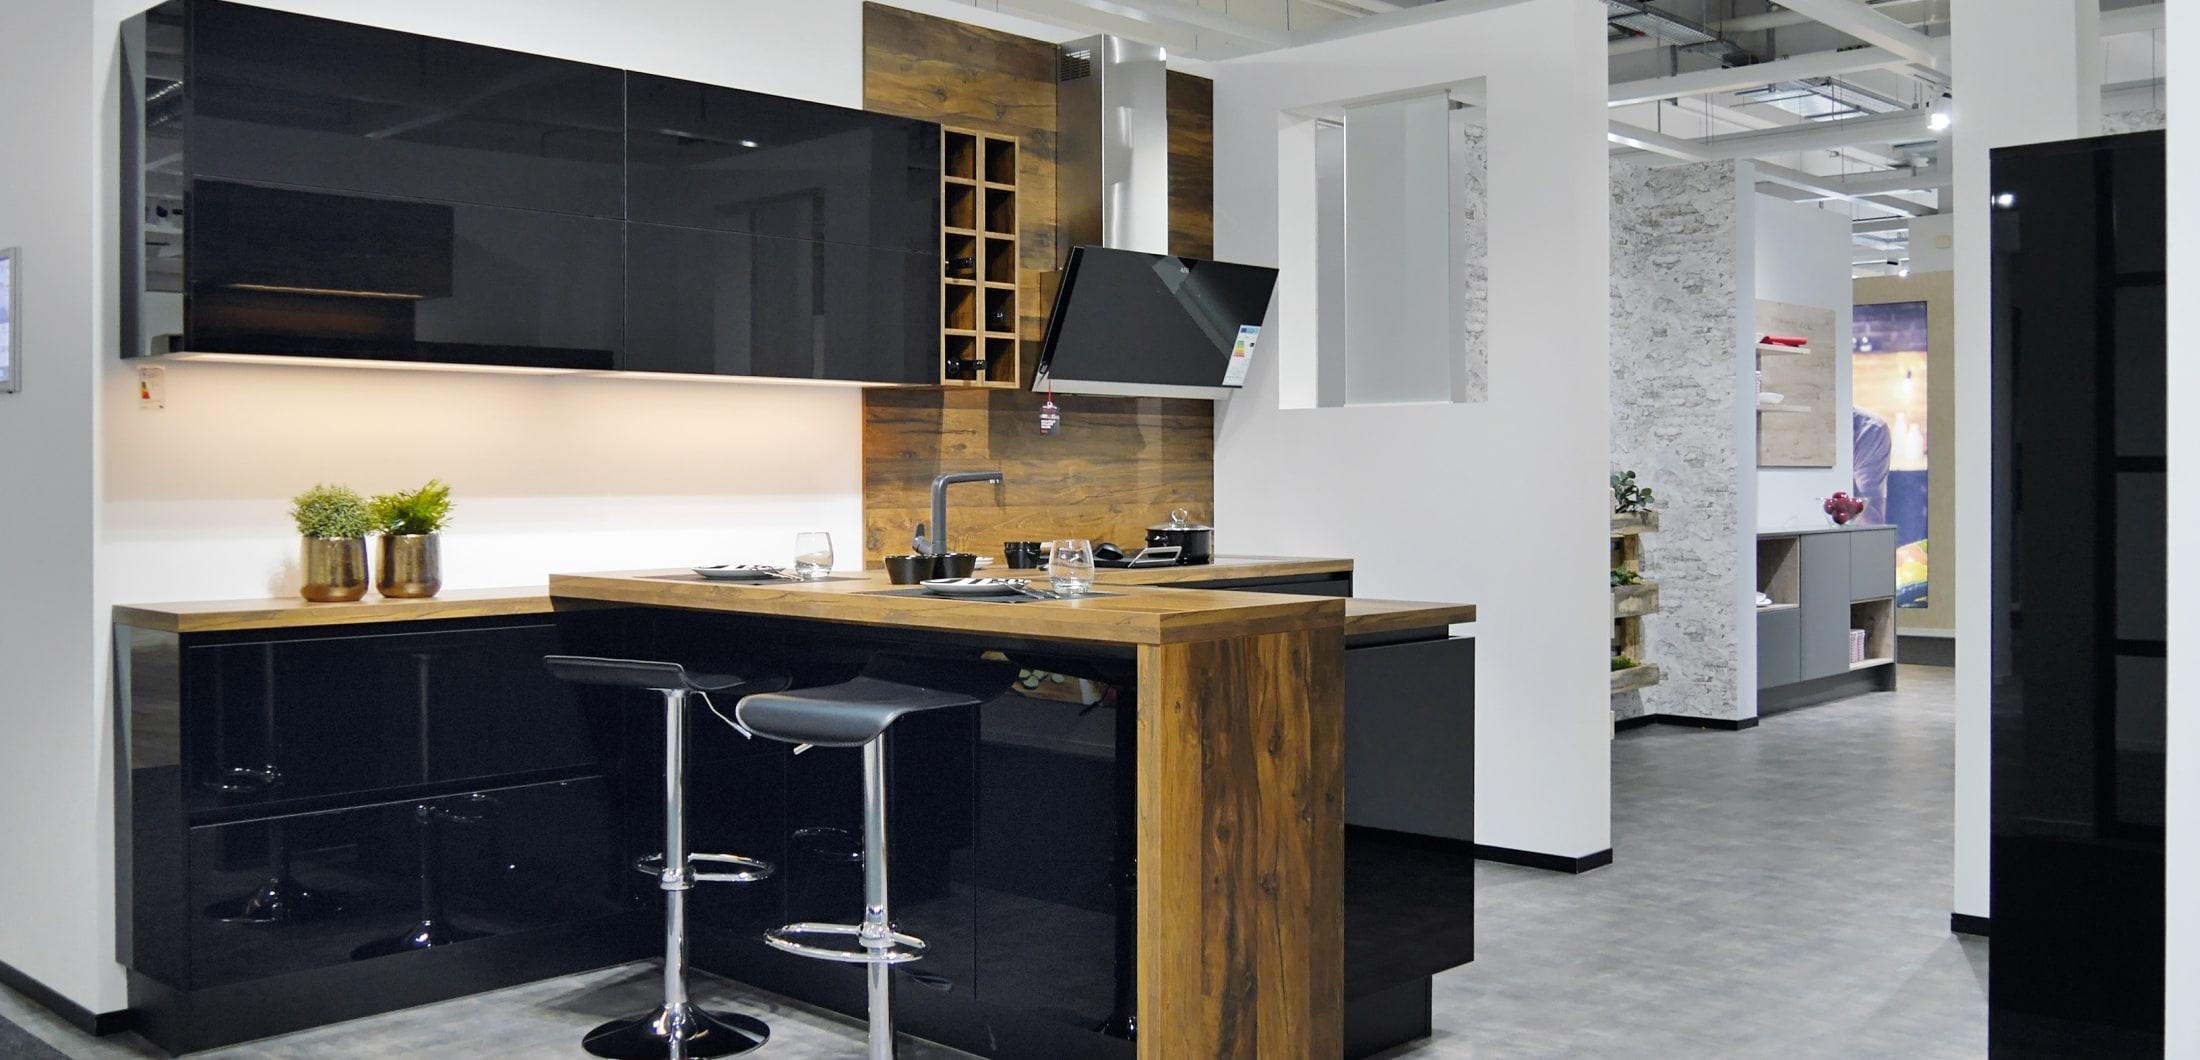 Holzküche mit modernen Küchengeräten